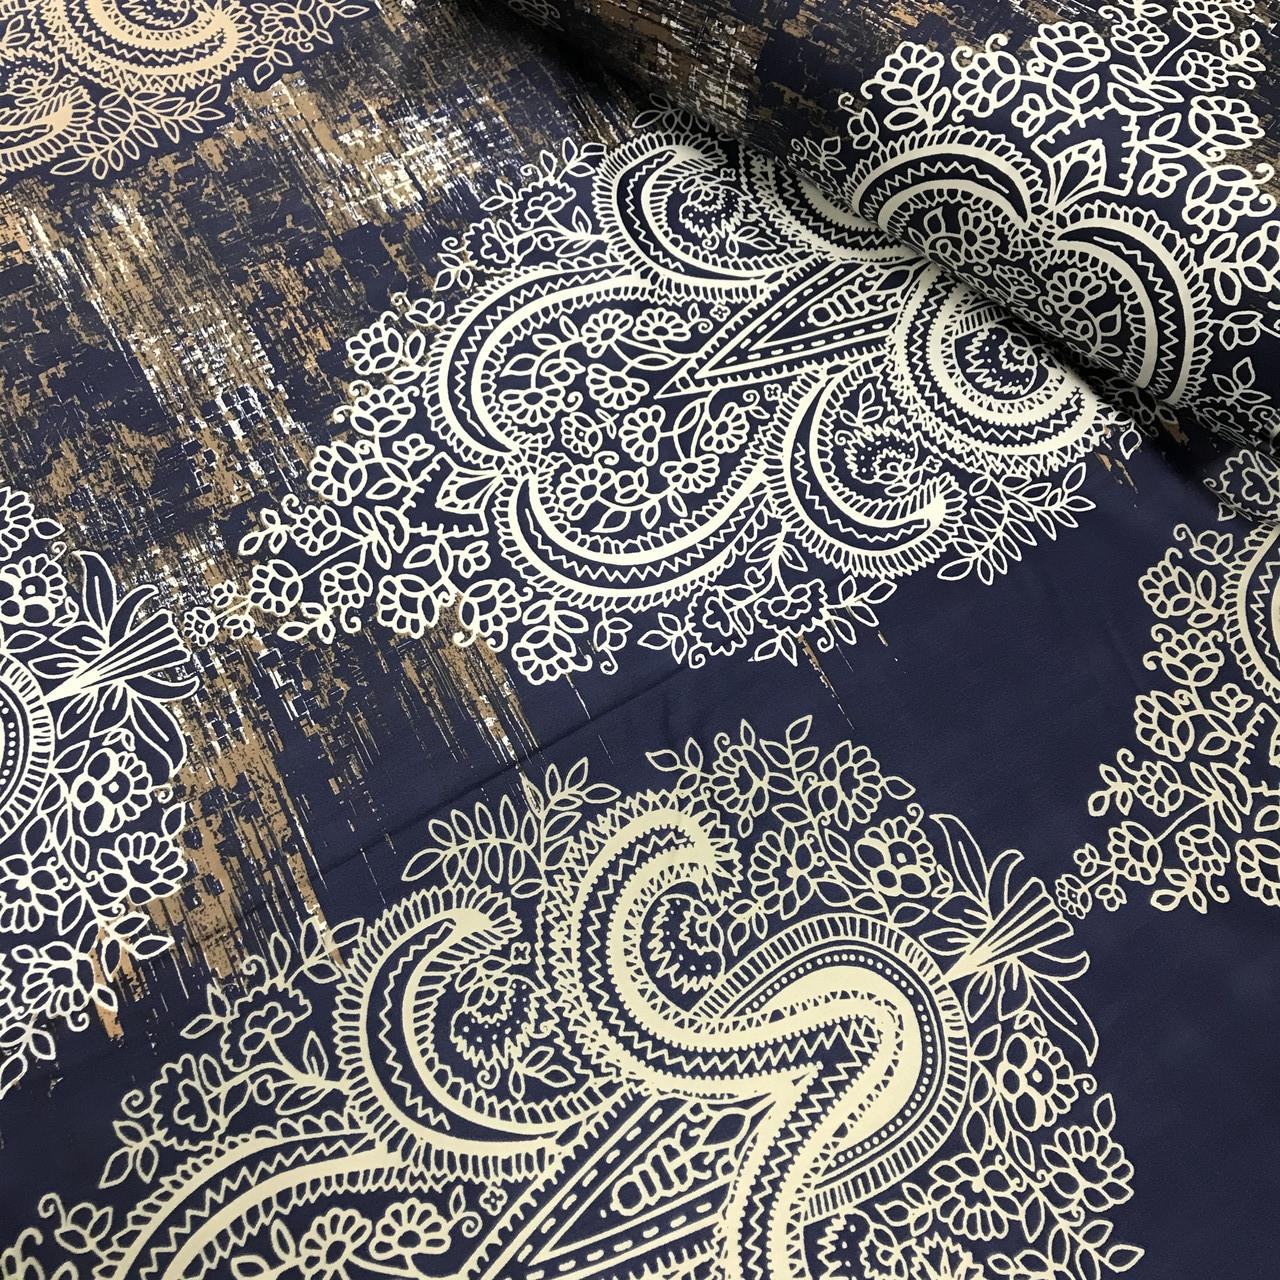 Ткань сатин с рисунком, узоры крупные разноцветные на темно-синем (ТУРЦИЯ шир. 2,4 м)